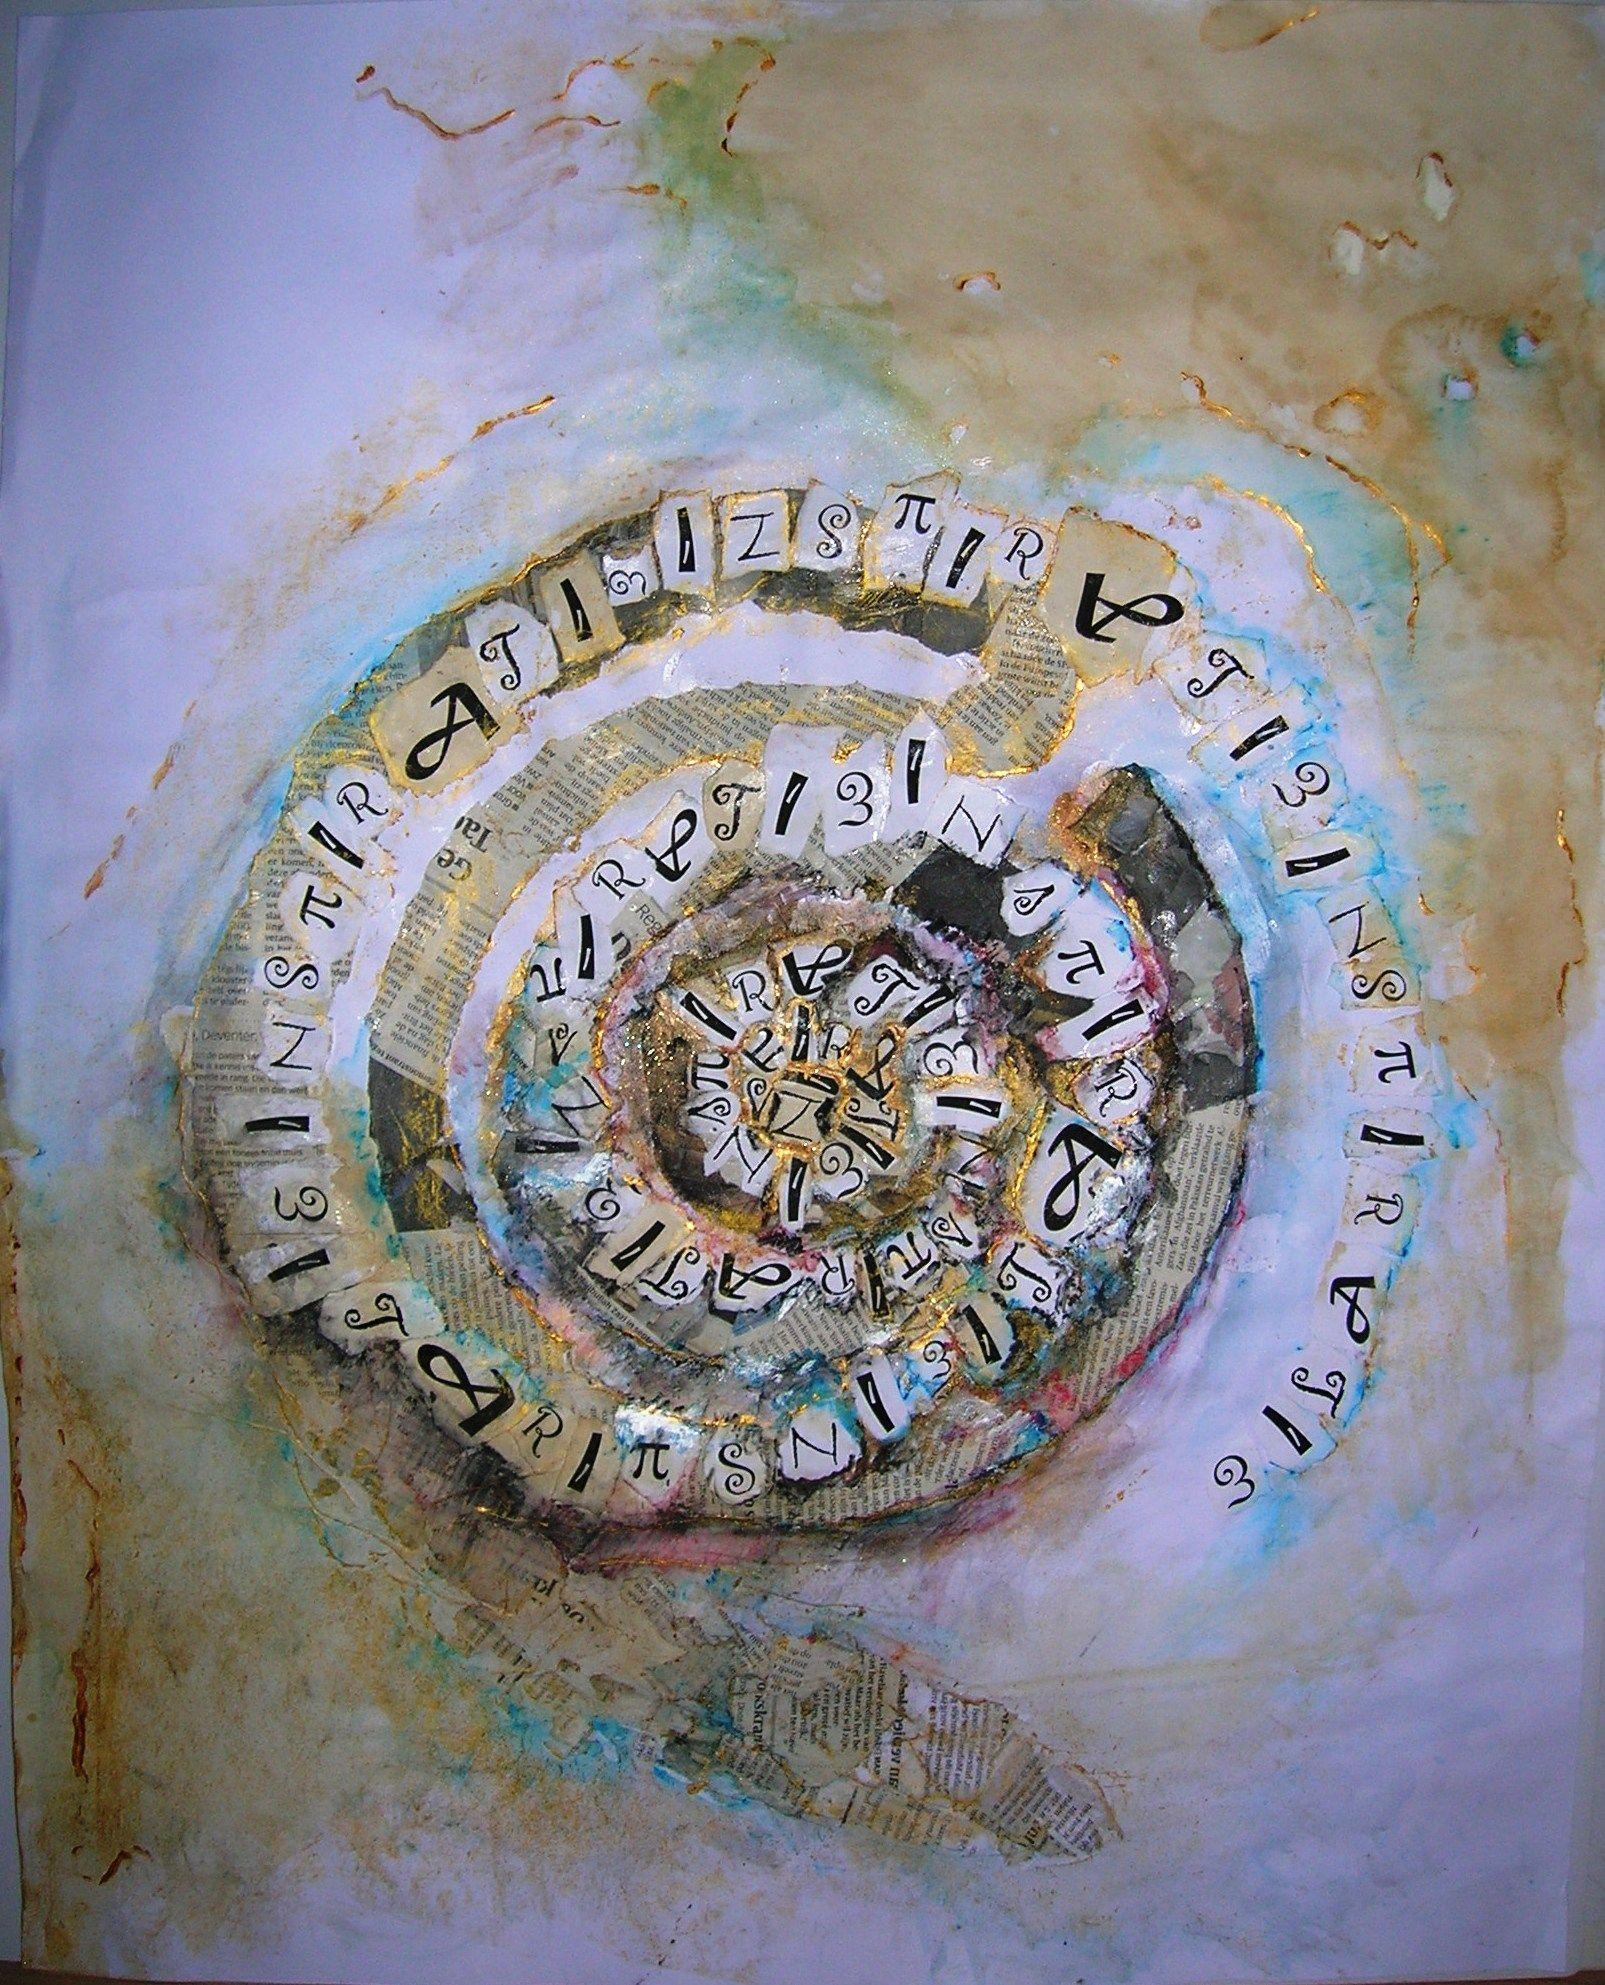 collage, acrylverf, koffie, samenwerking met drie mensen